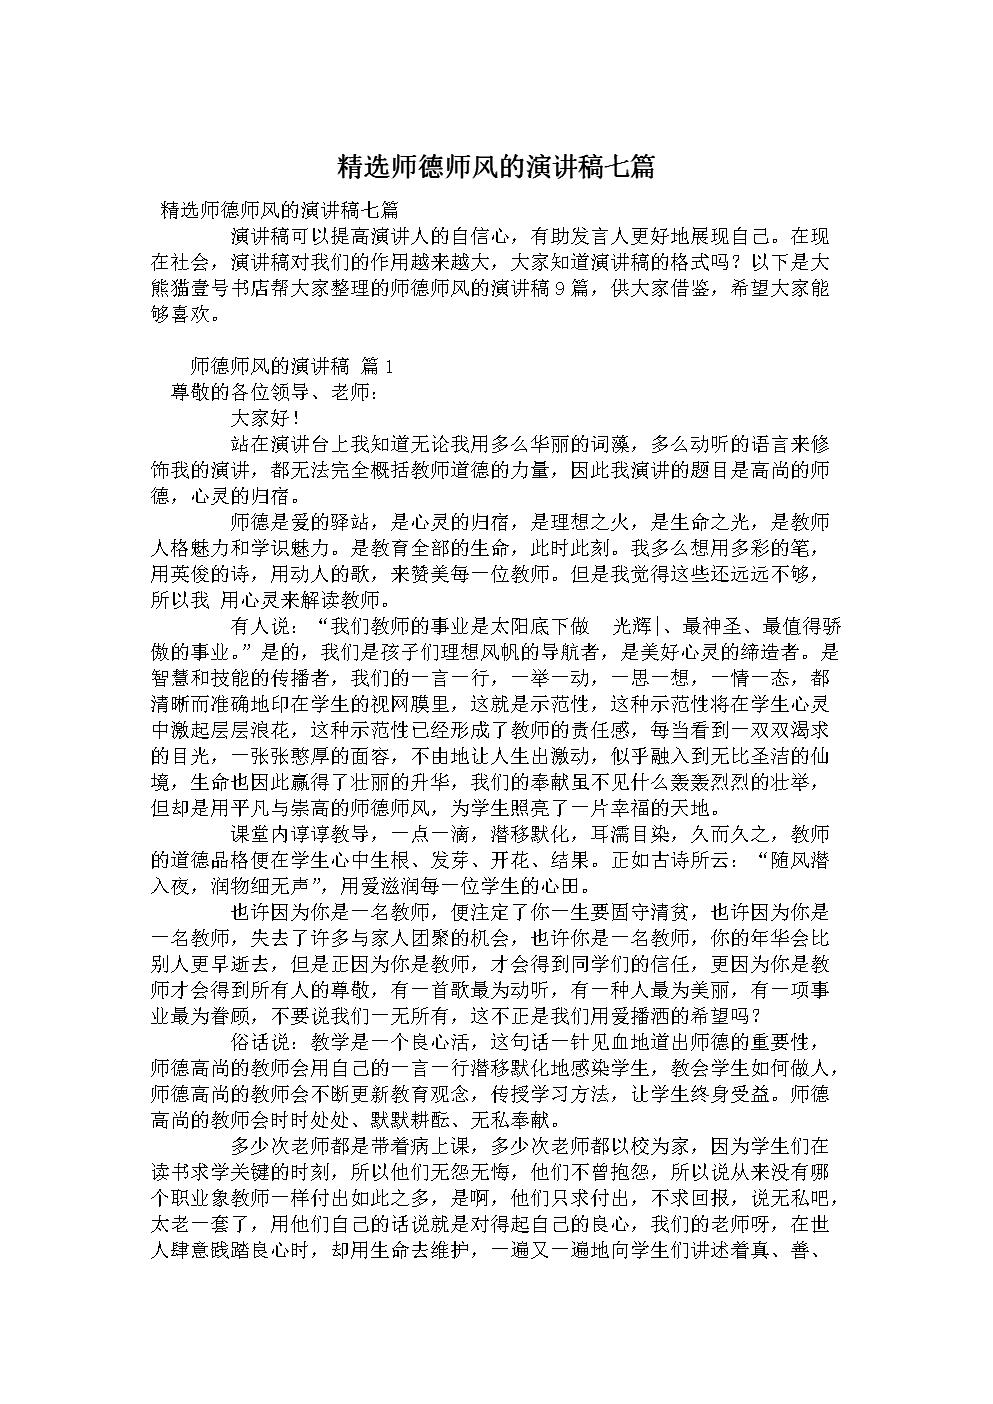 精选师德师风的演讲稿七篇.doc